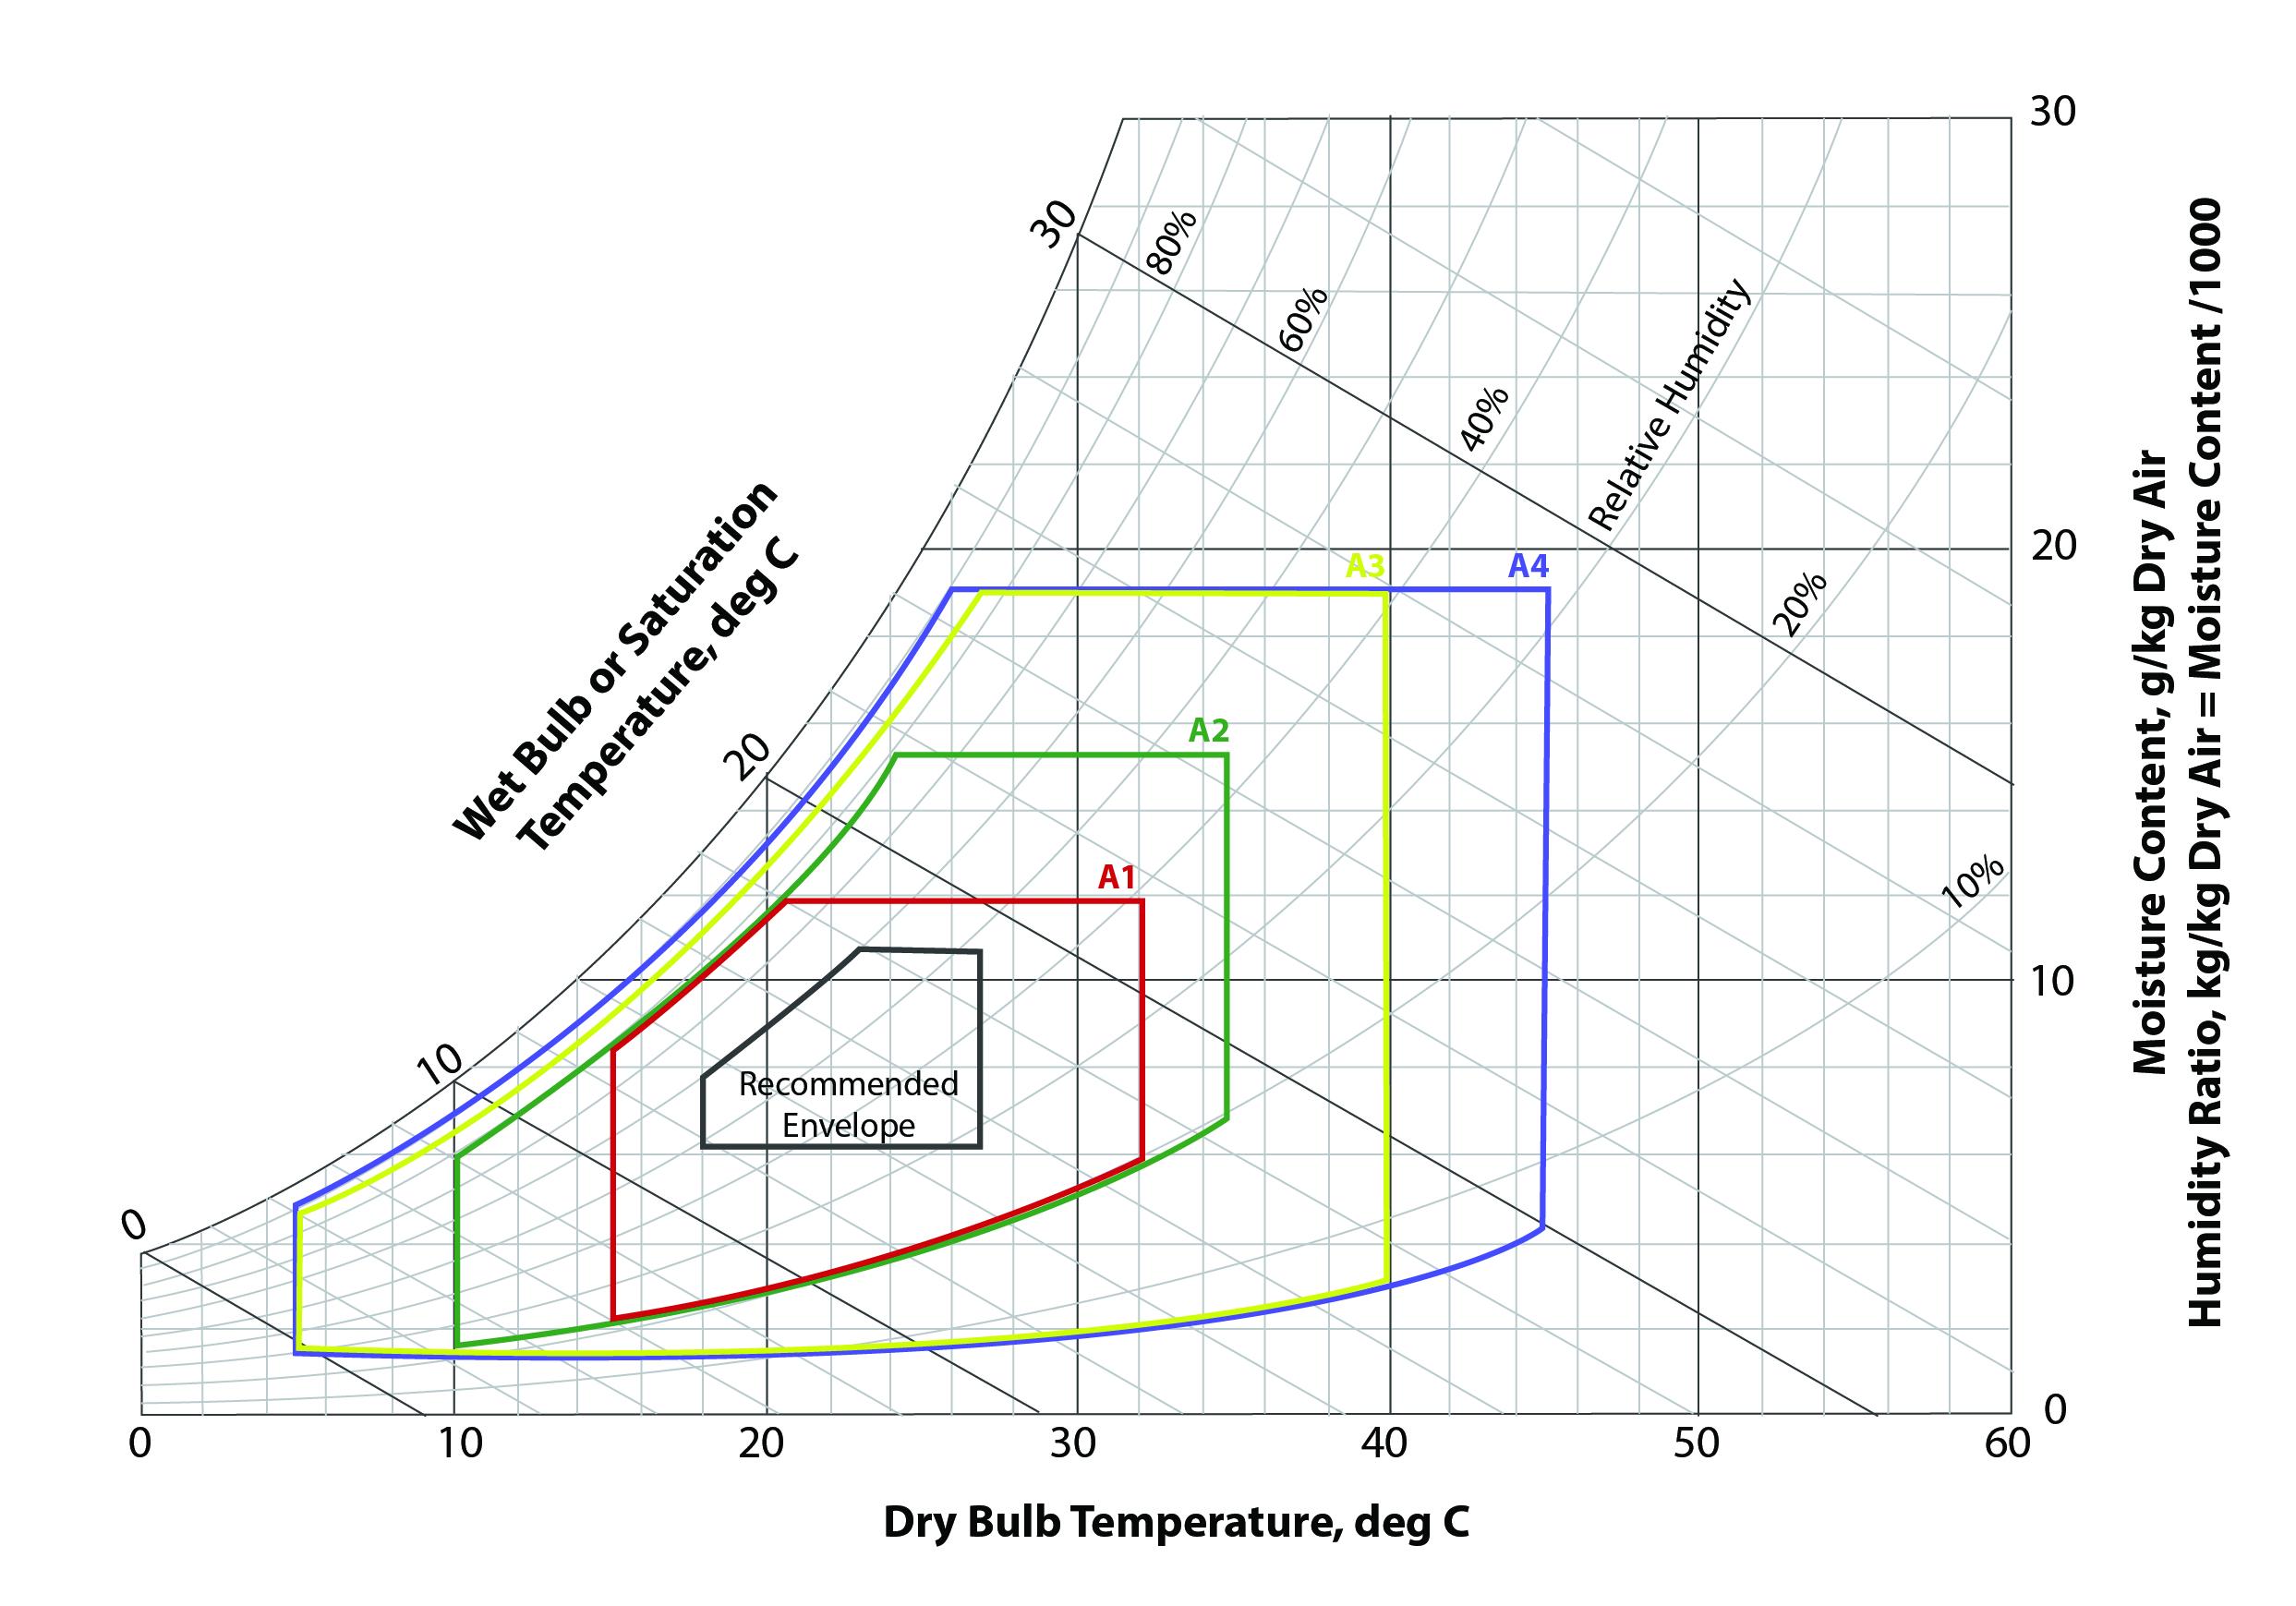 ashrae temp chart 01 1 emr